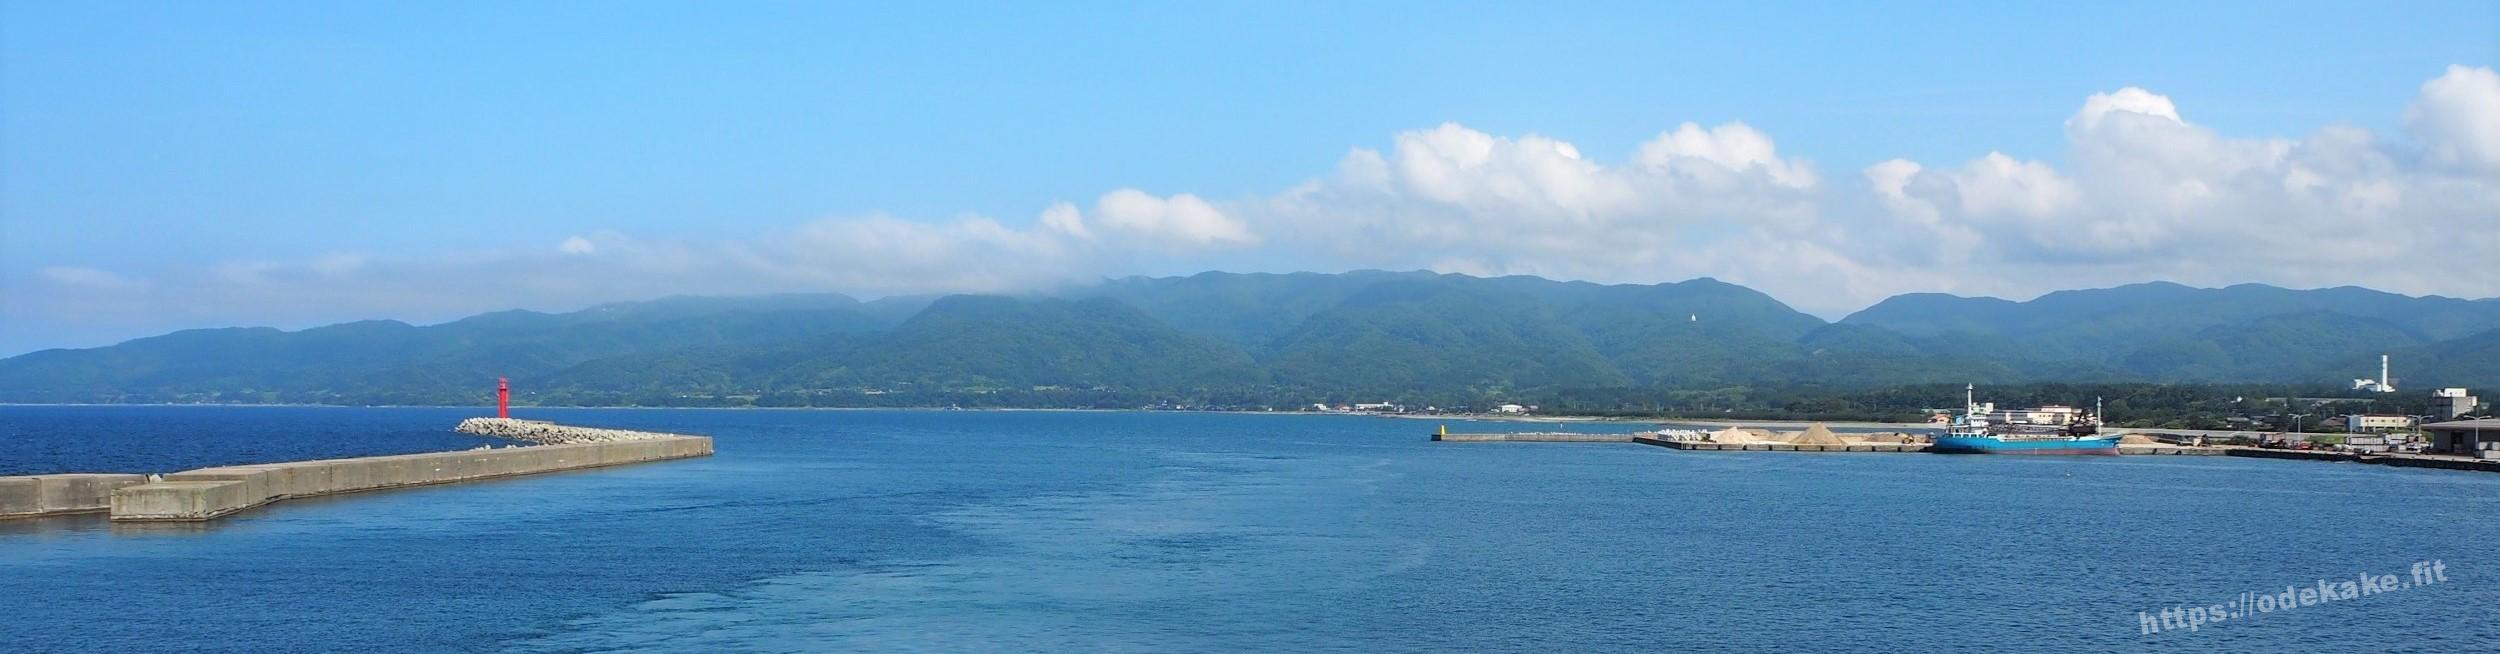 【佐渡】佐渡汽船ときわ丸での写真集☆カモメと共に佐渡島へ